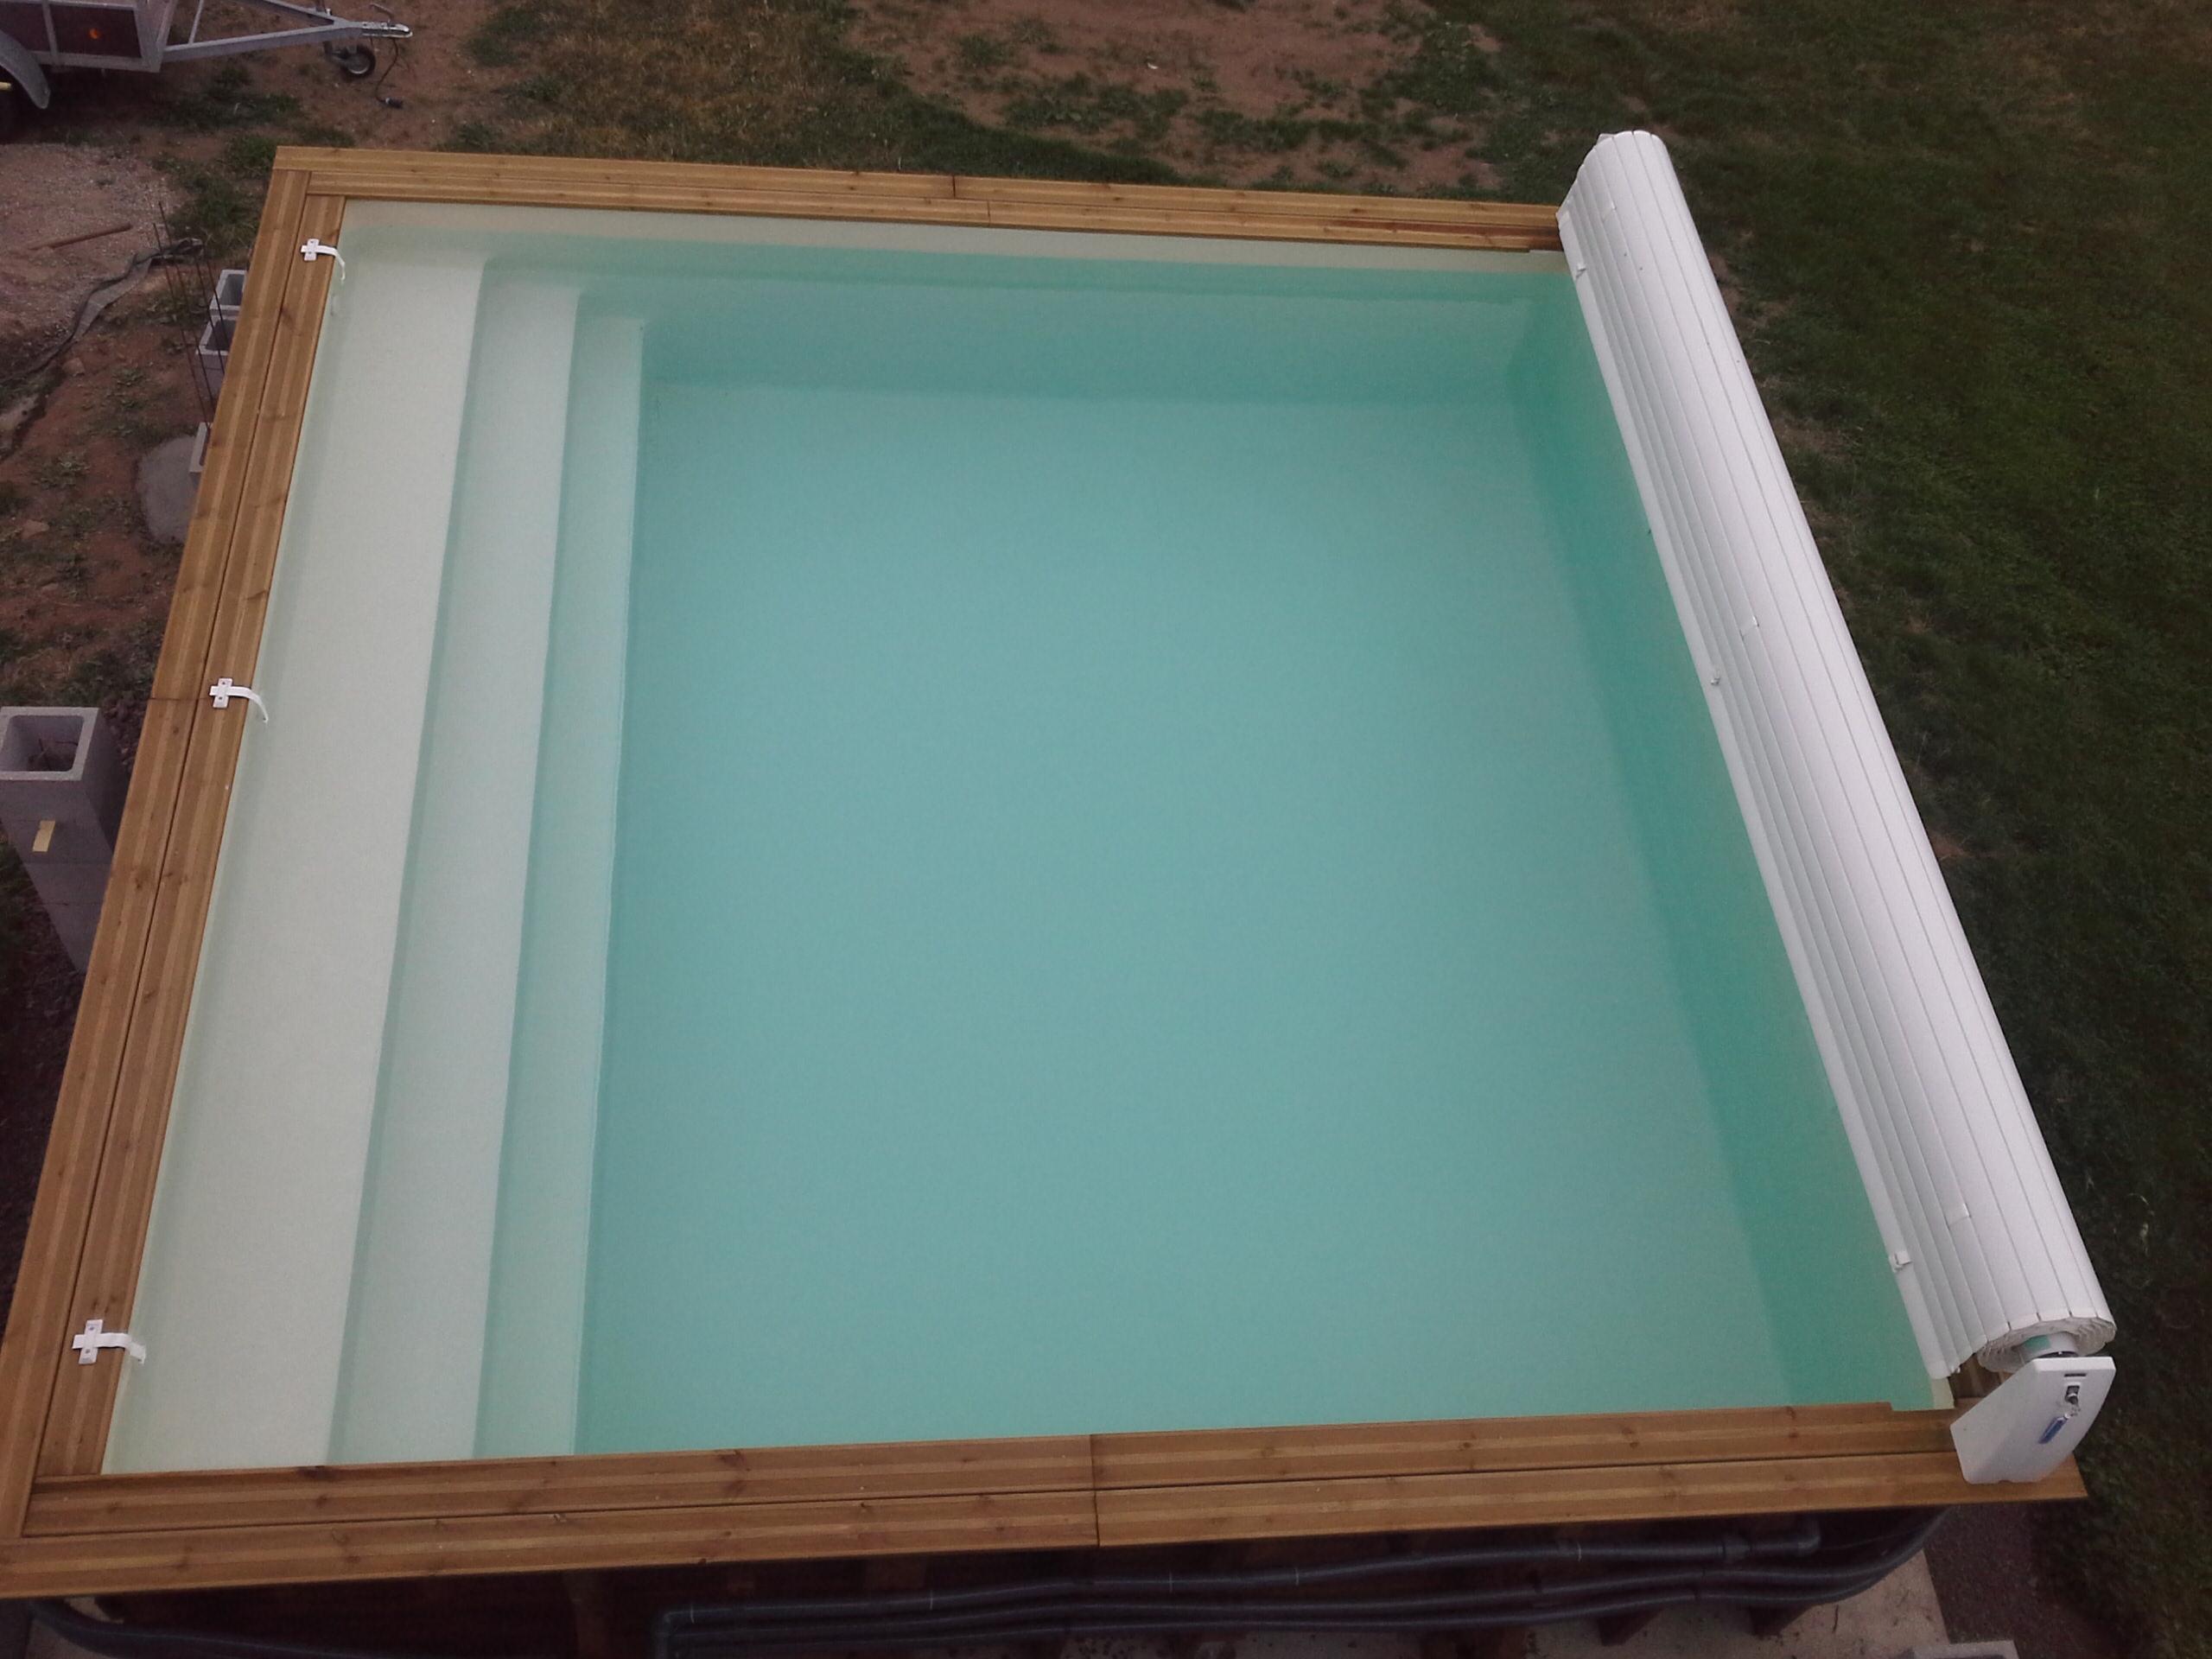 Espace piscine en bois les mod les de piscine en bois for Piscine carre bois